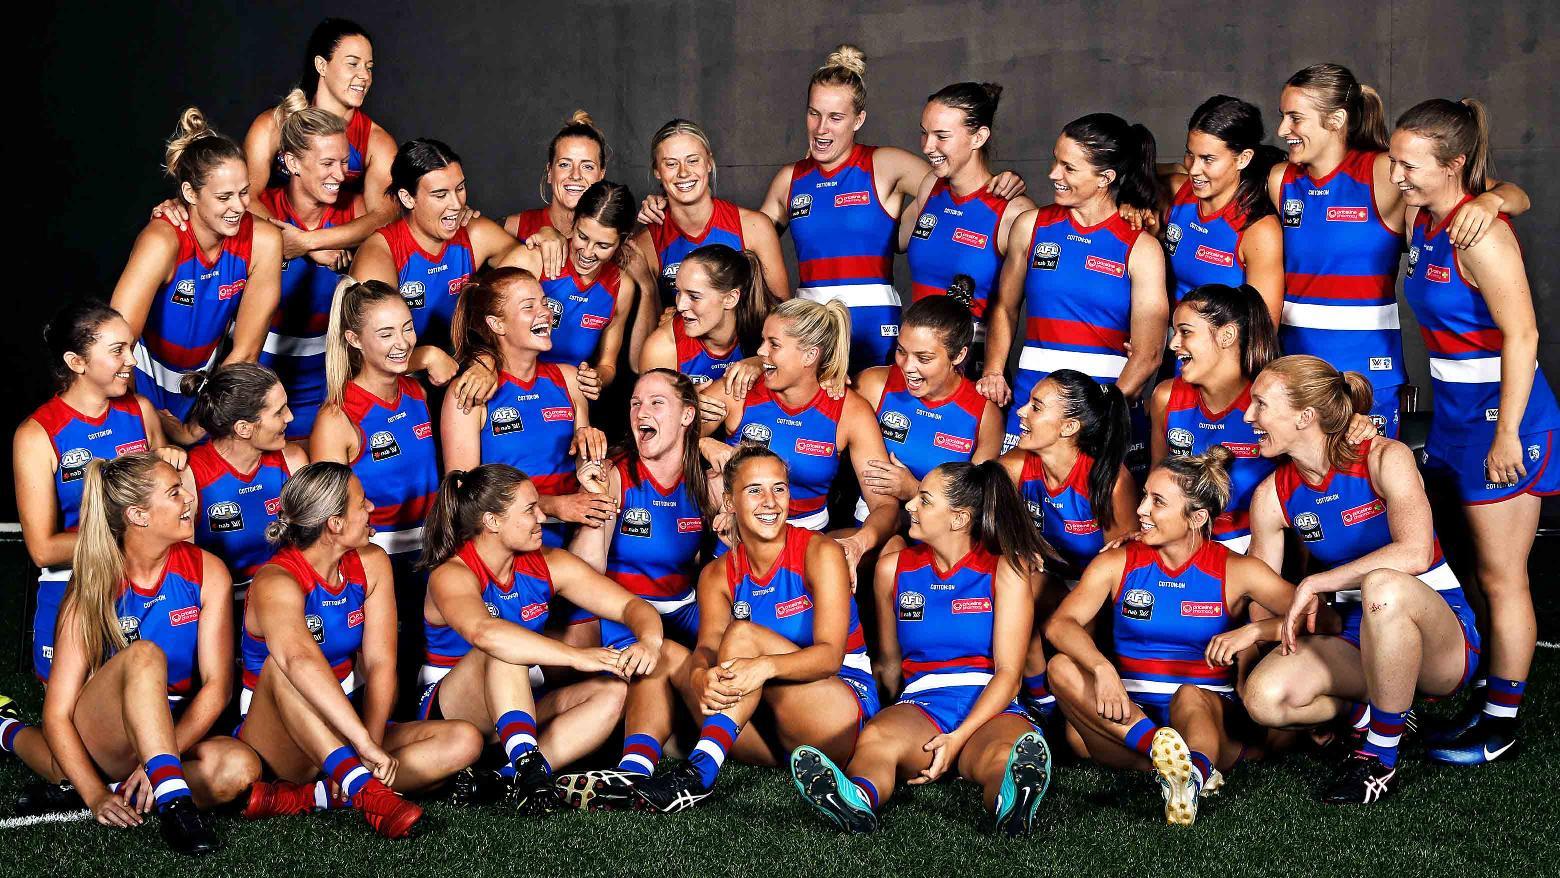 Western Bulldogs Aflw 2019